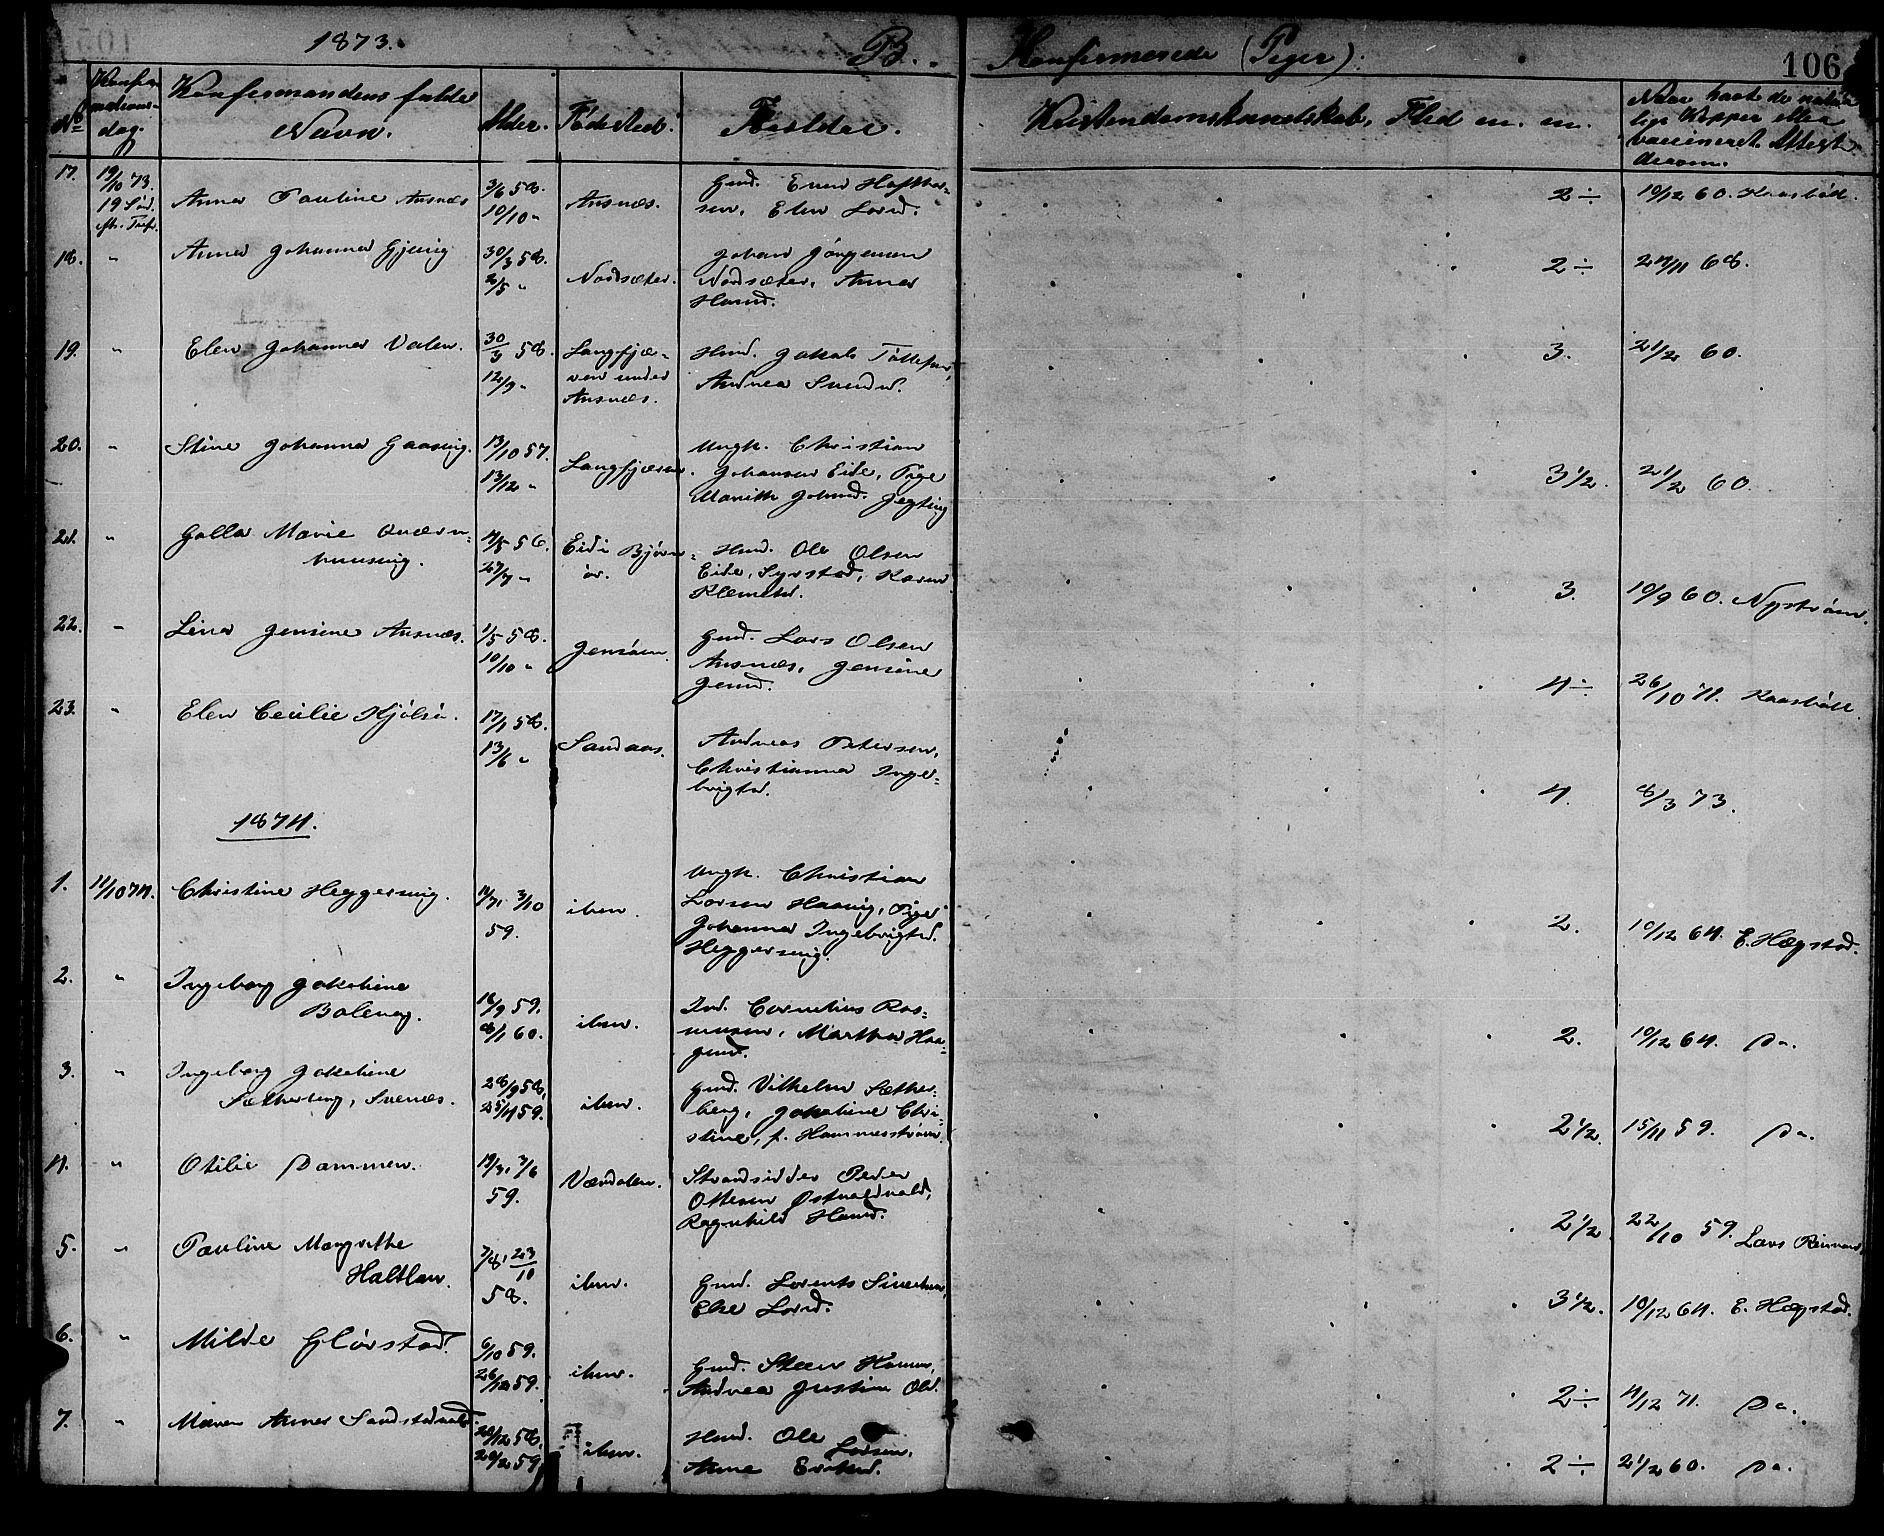 SAT, Ministerialprotokoller, klokkerbøker og fødselsregistre - Sør-Trøndelag, 637/L0561: Klokkerbok nr. 637C02, 1873-1882, s. 106